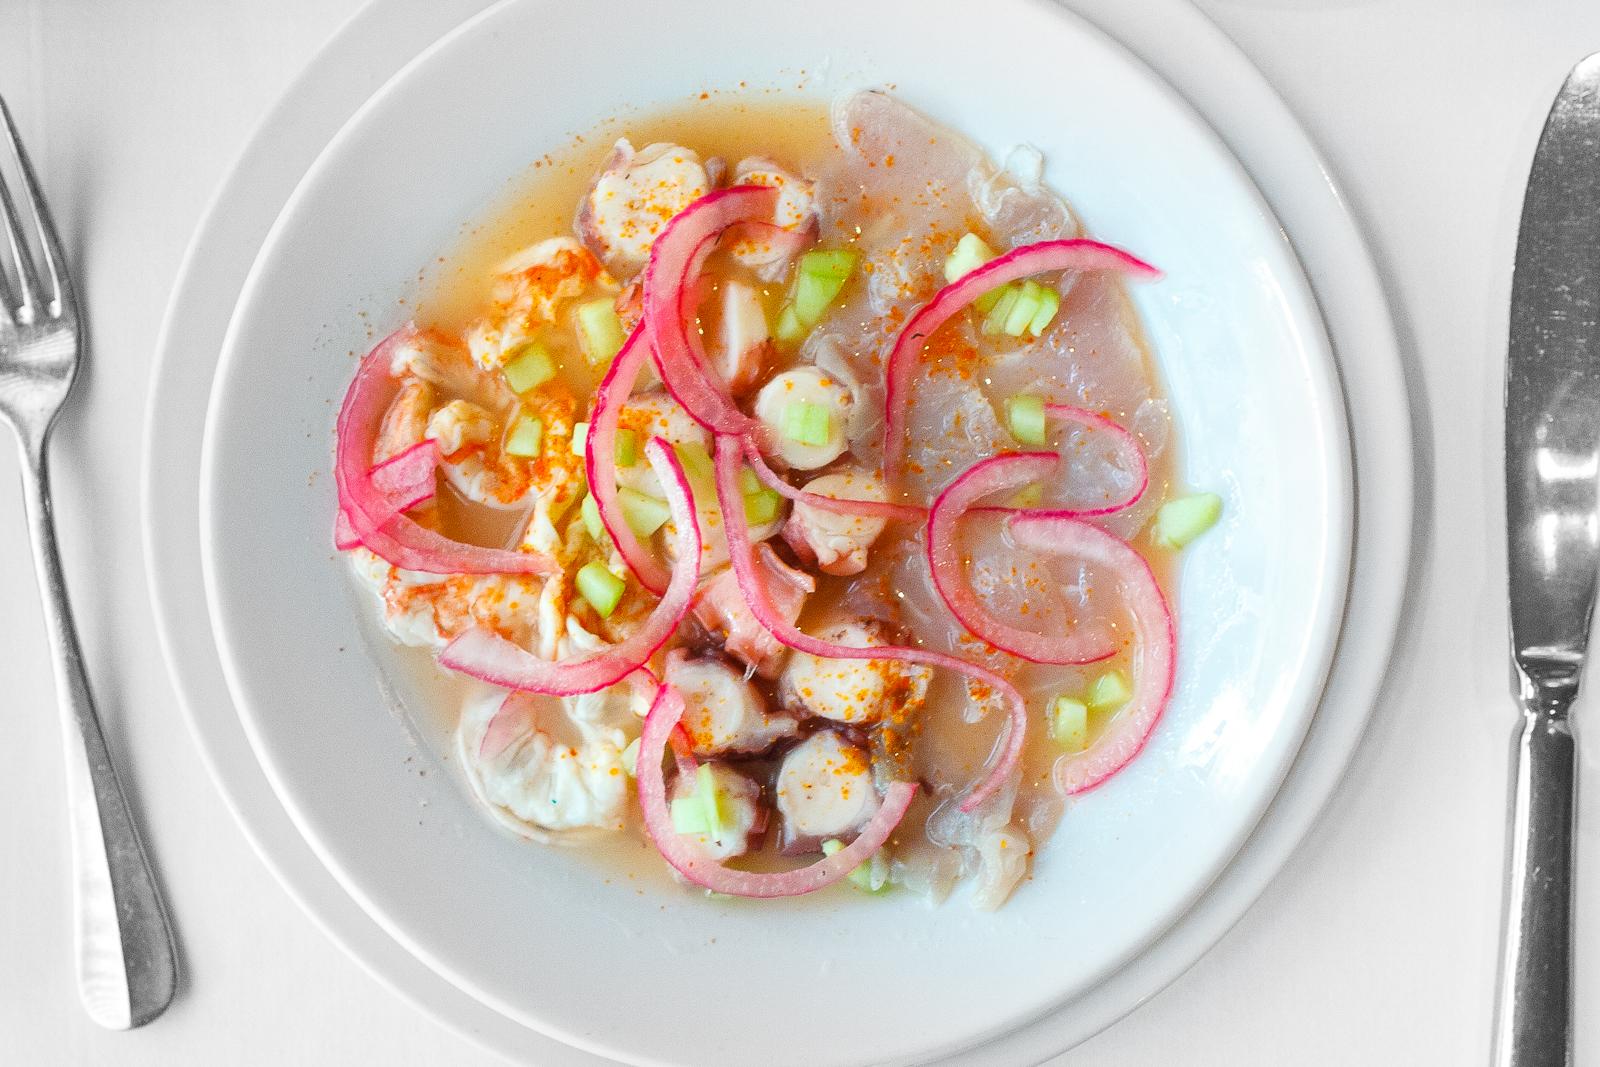 Aguachile de campechano con pulp, camarón, y pescado (Aguachile of octopus, shrimp, and local fish) (157 MXP)